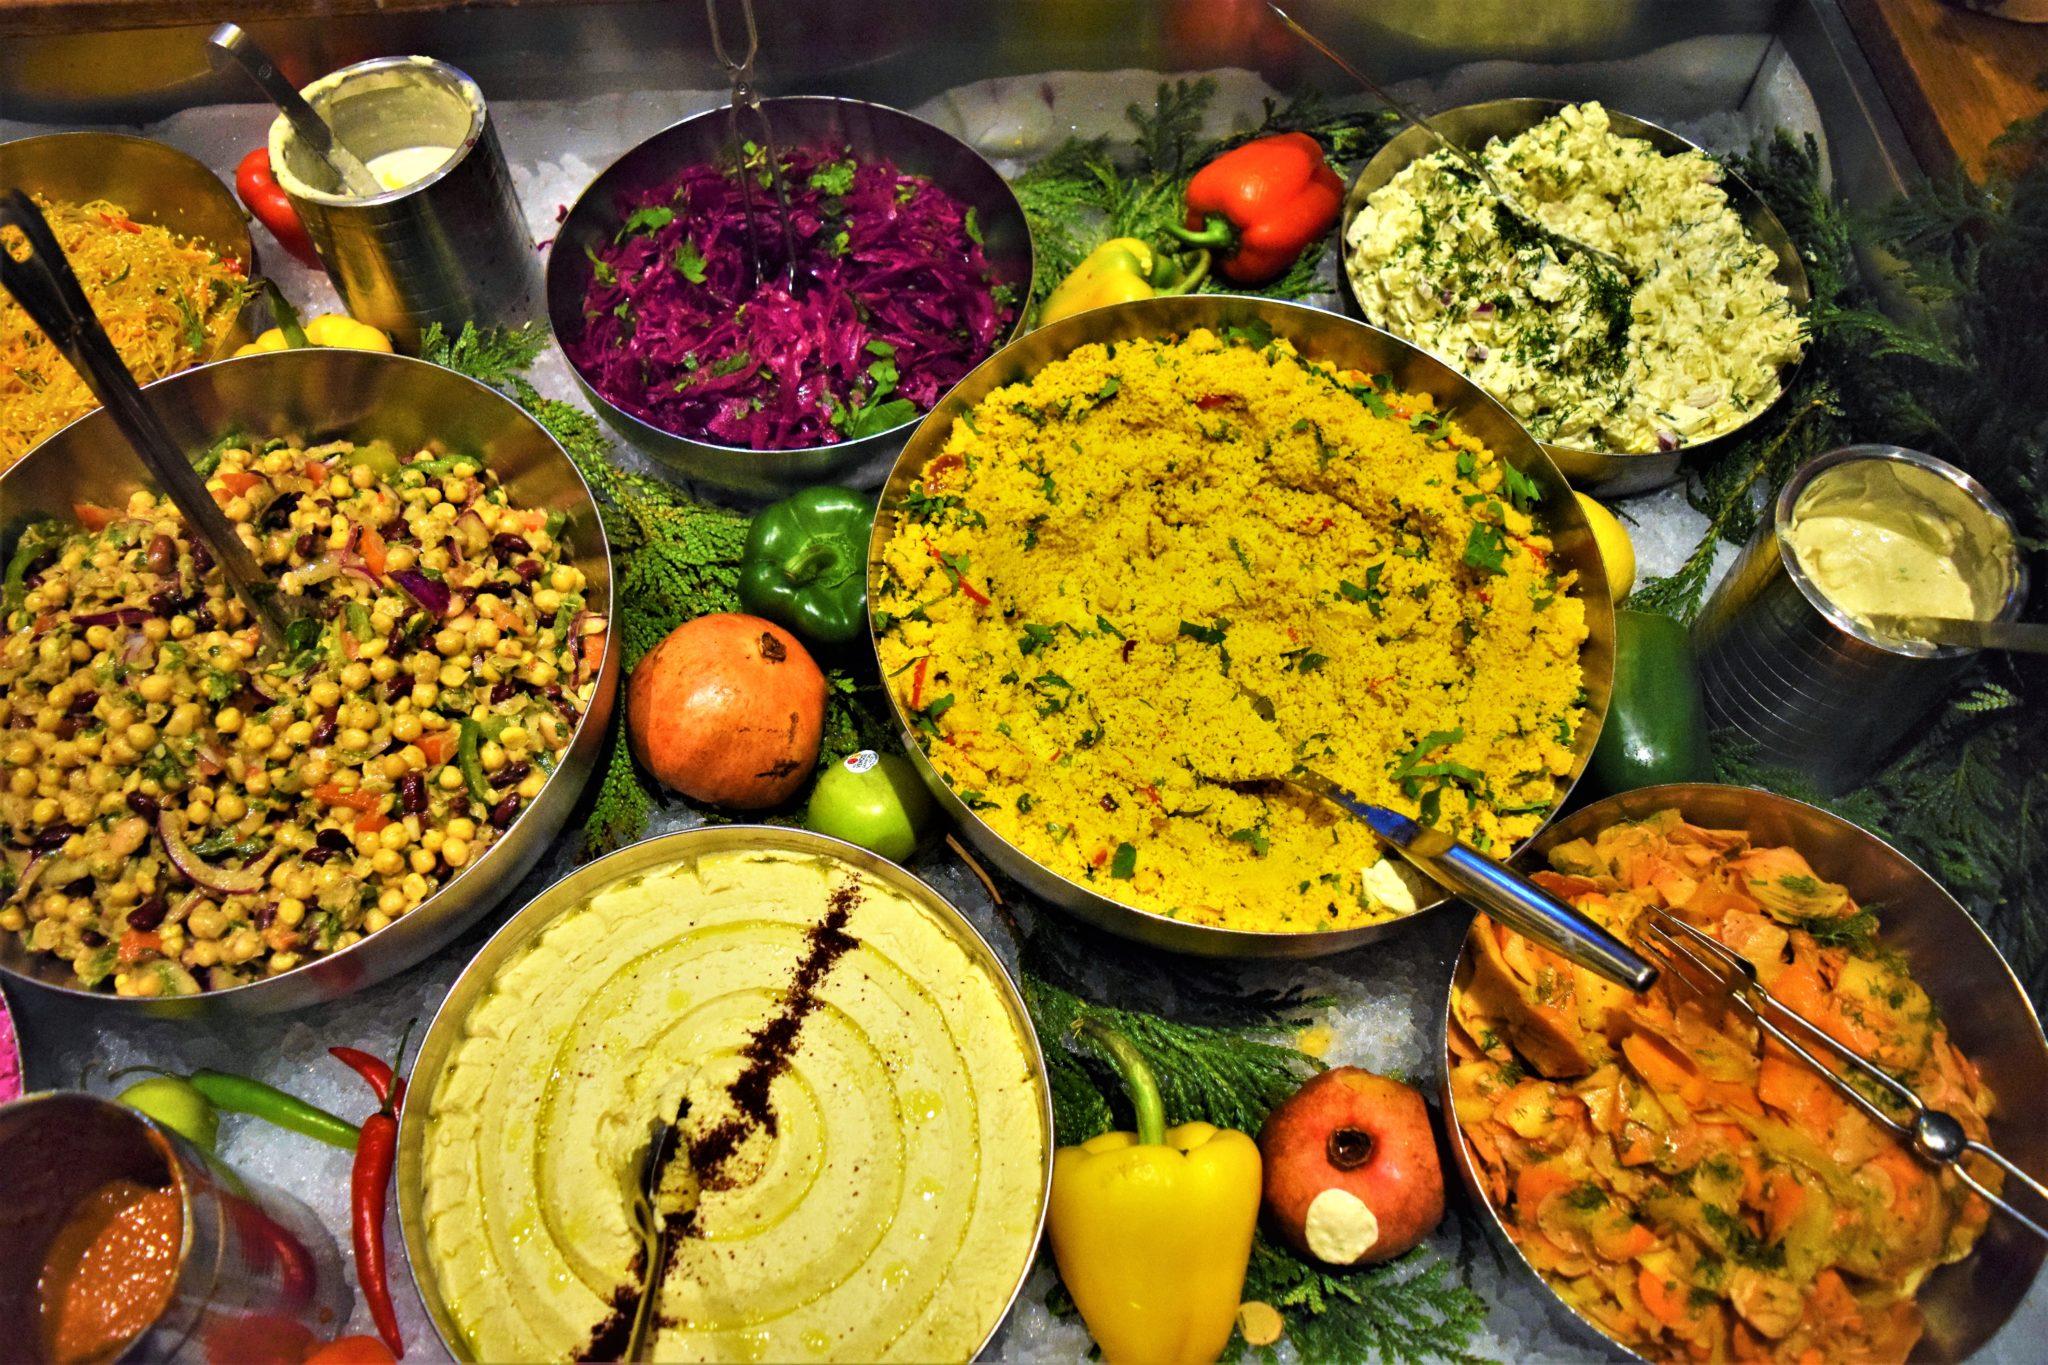 Vegan buffet, hermans, stockholm, sweden